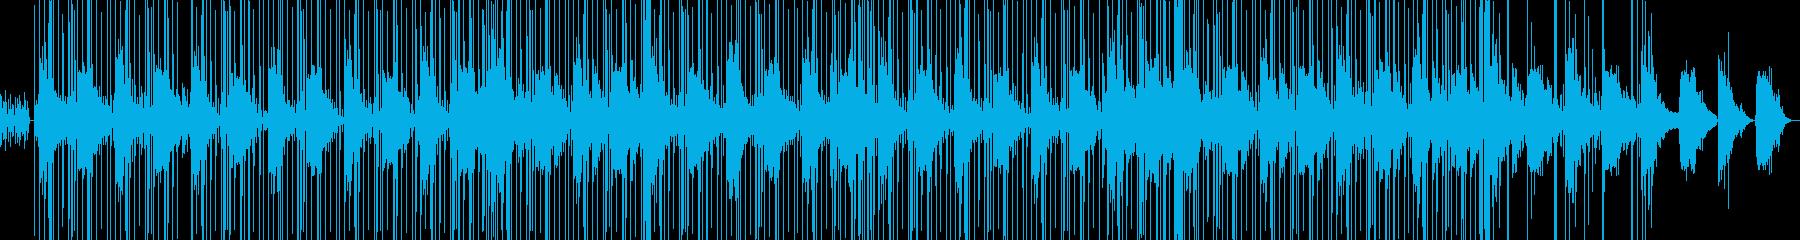 色気のあるピアノHipHop/JIINOの再生済みの波形